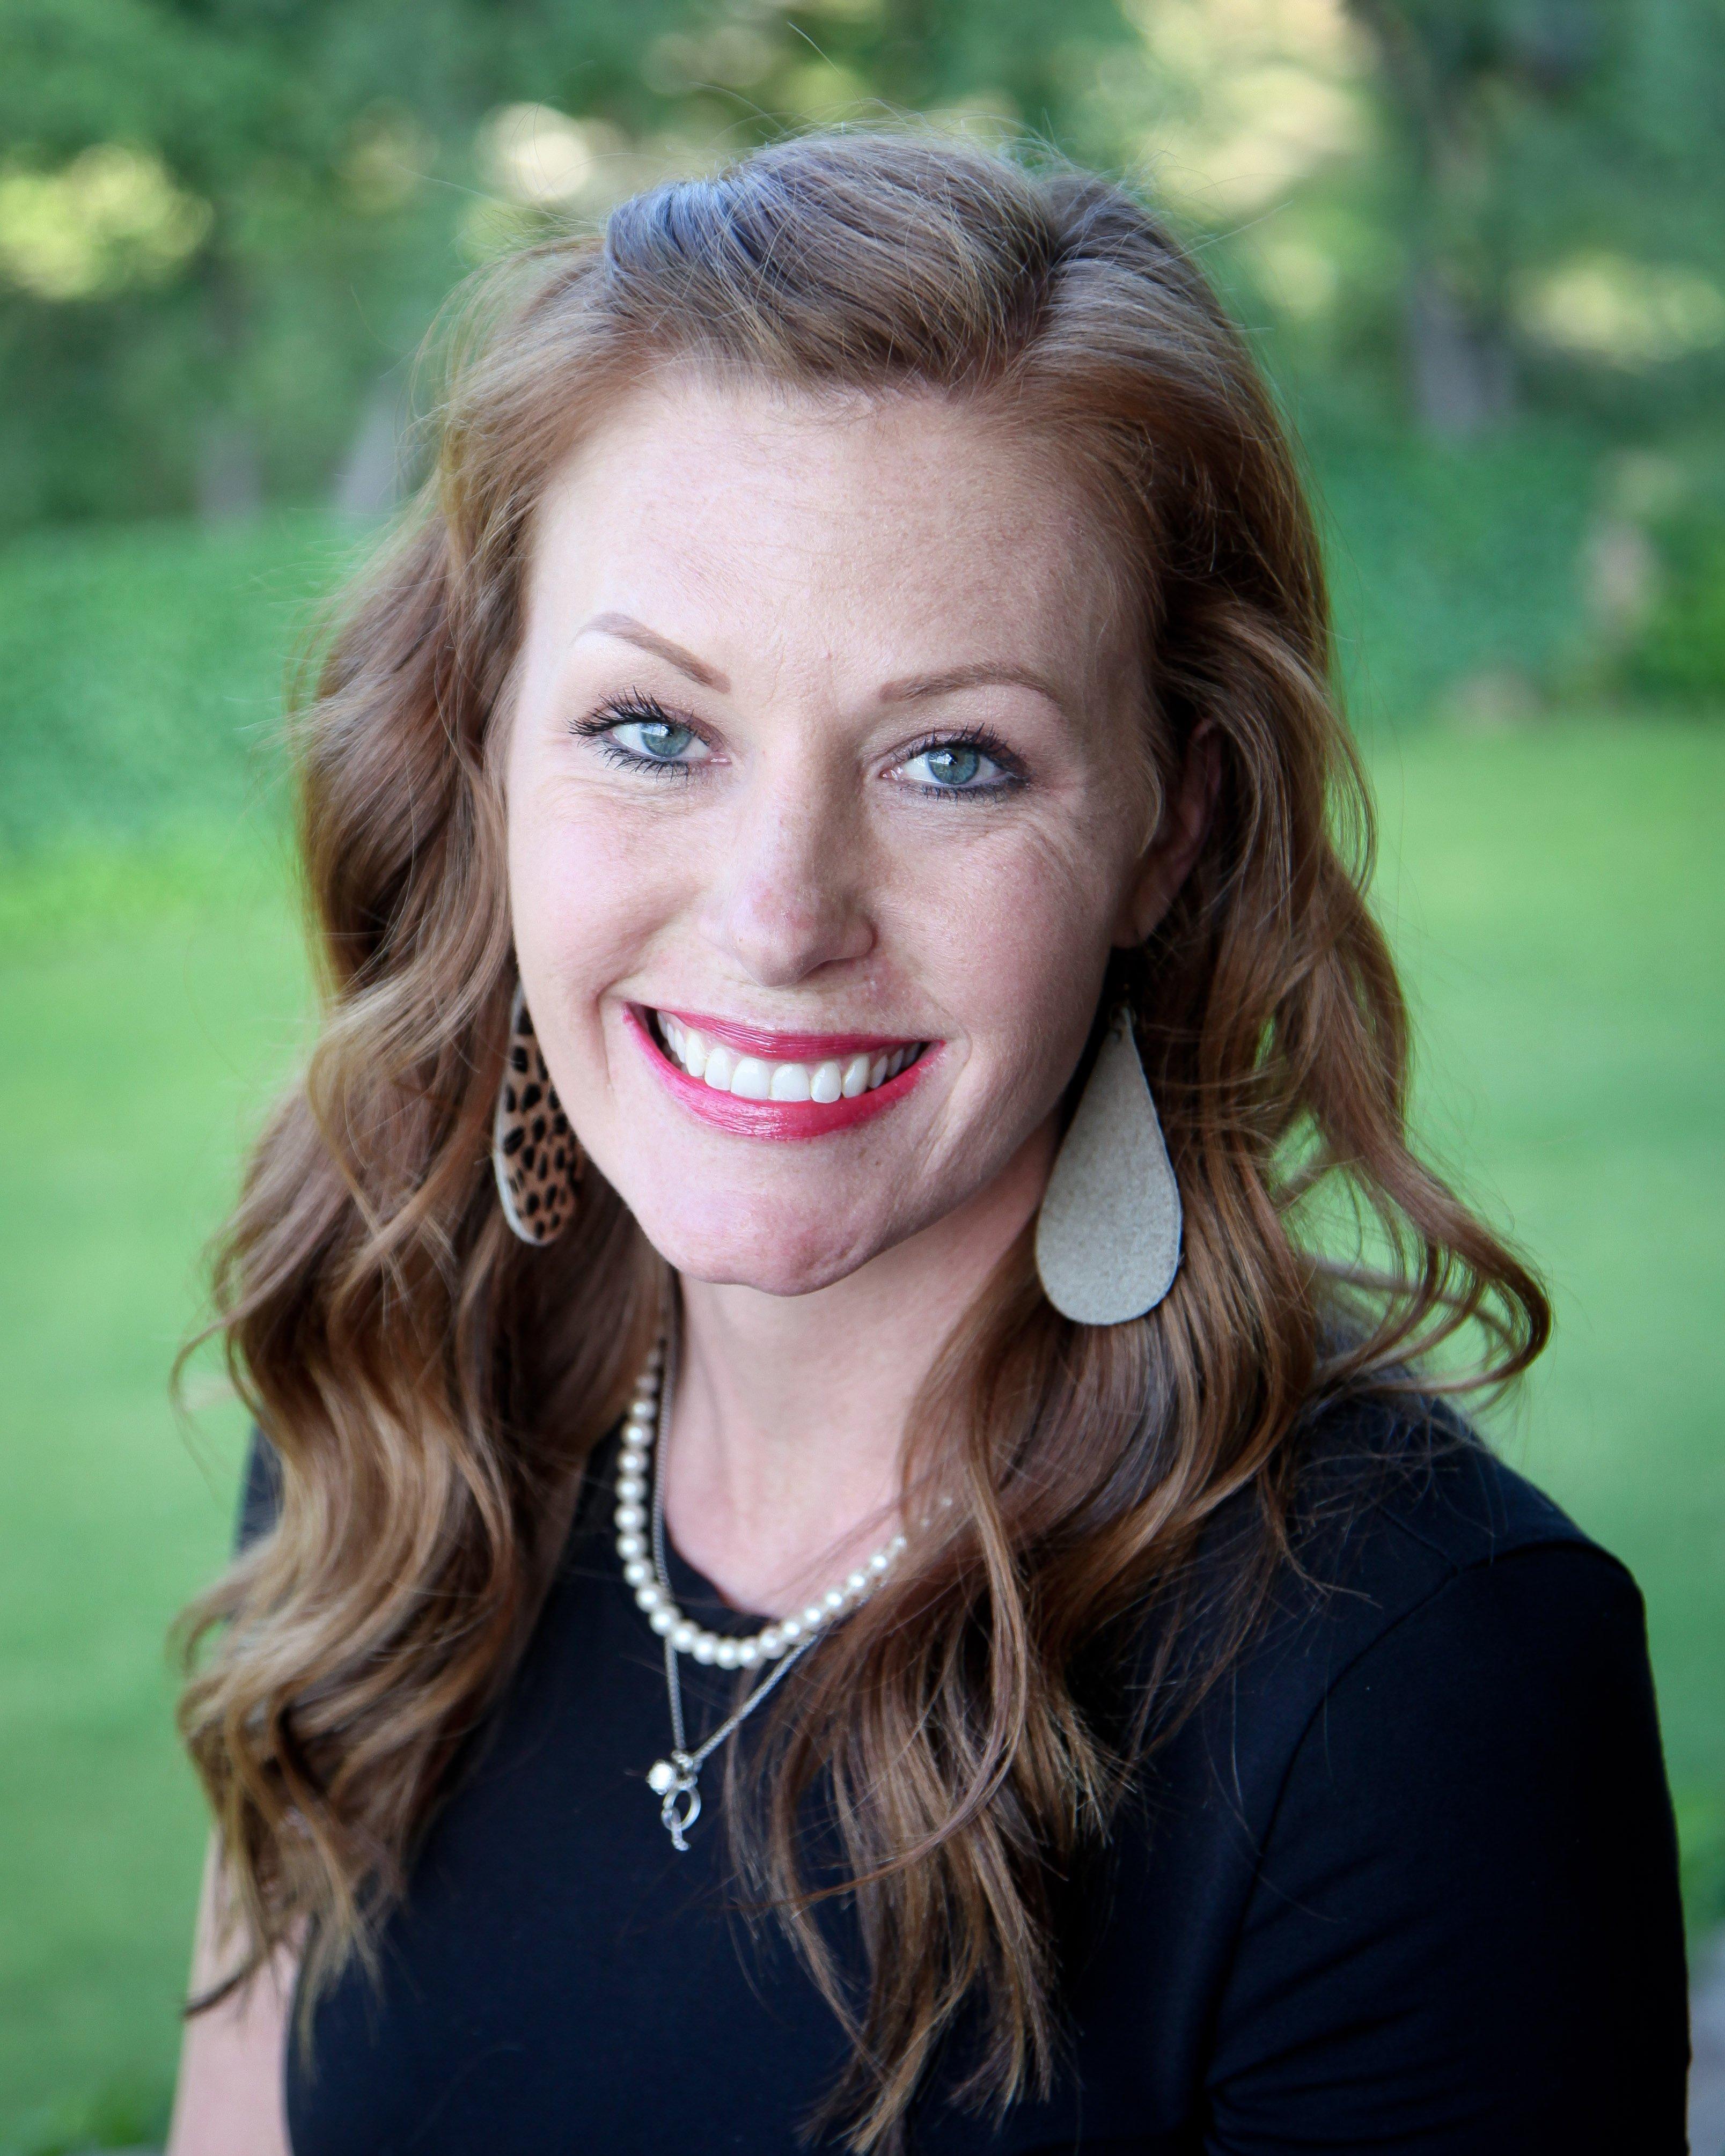 Kristen Brockman